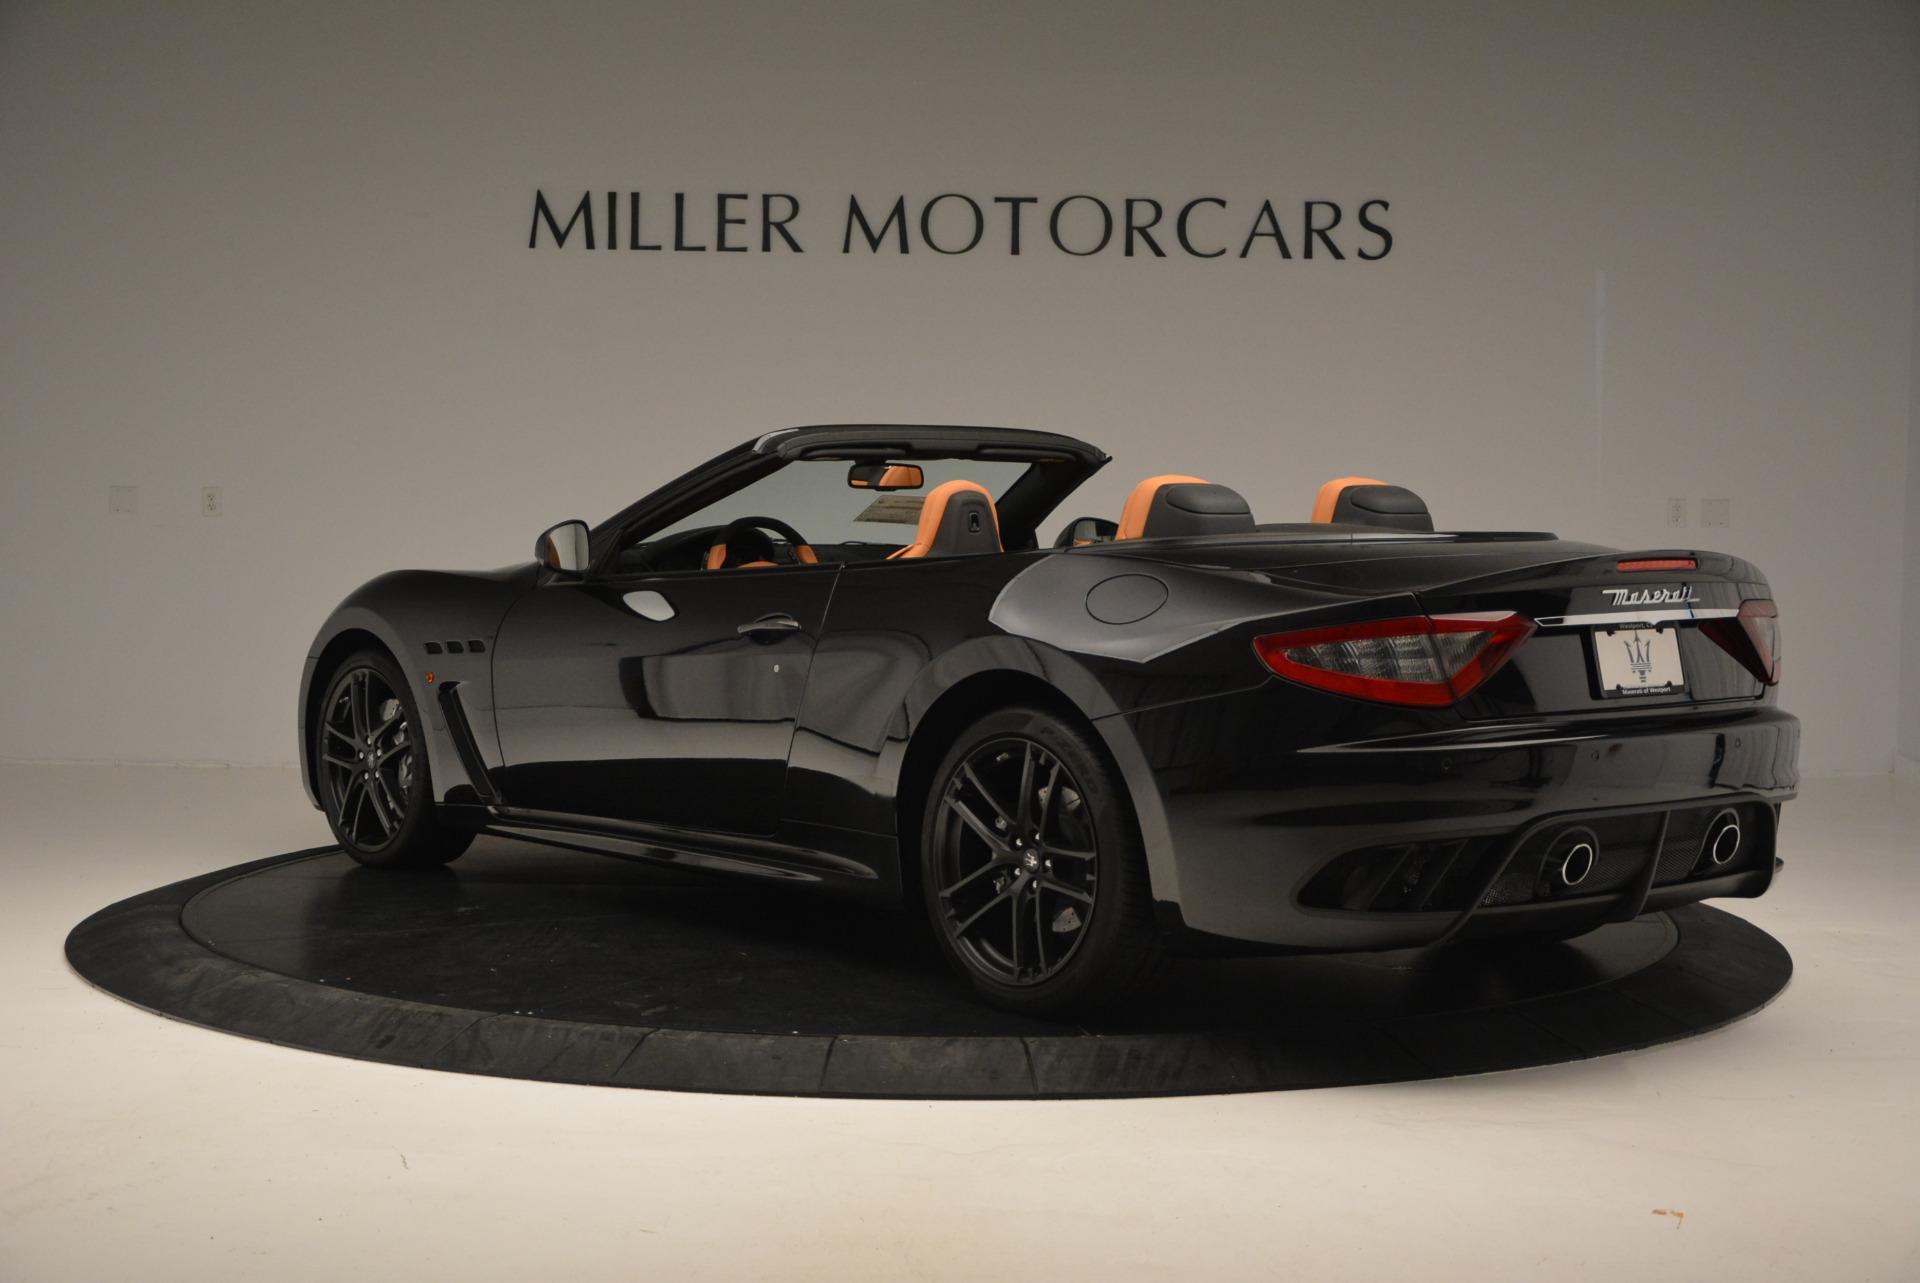 New 2017 Maserati Granturismo Mc Convertible For 0 In Greenwich Ct